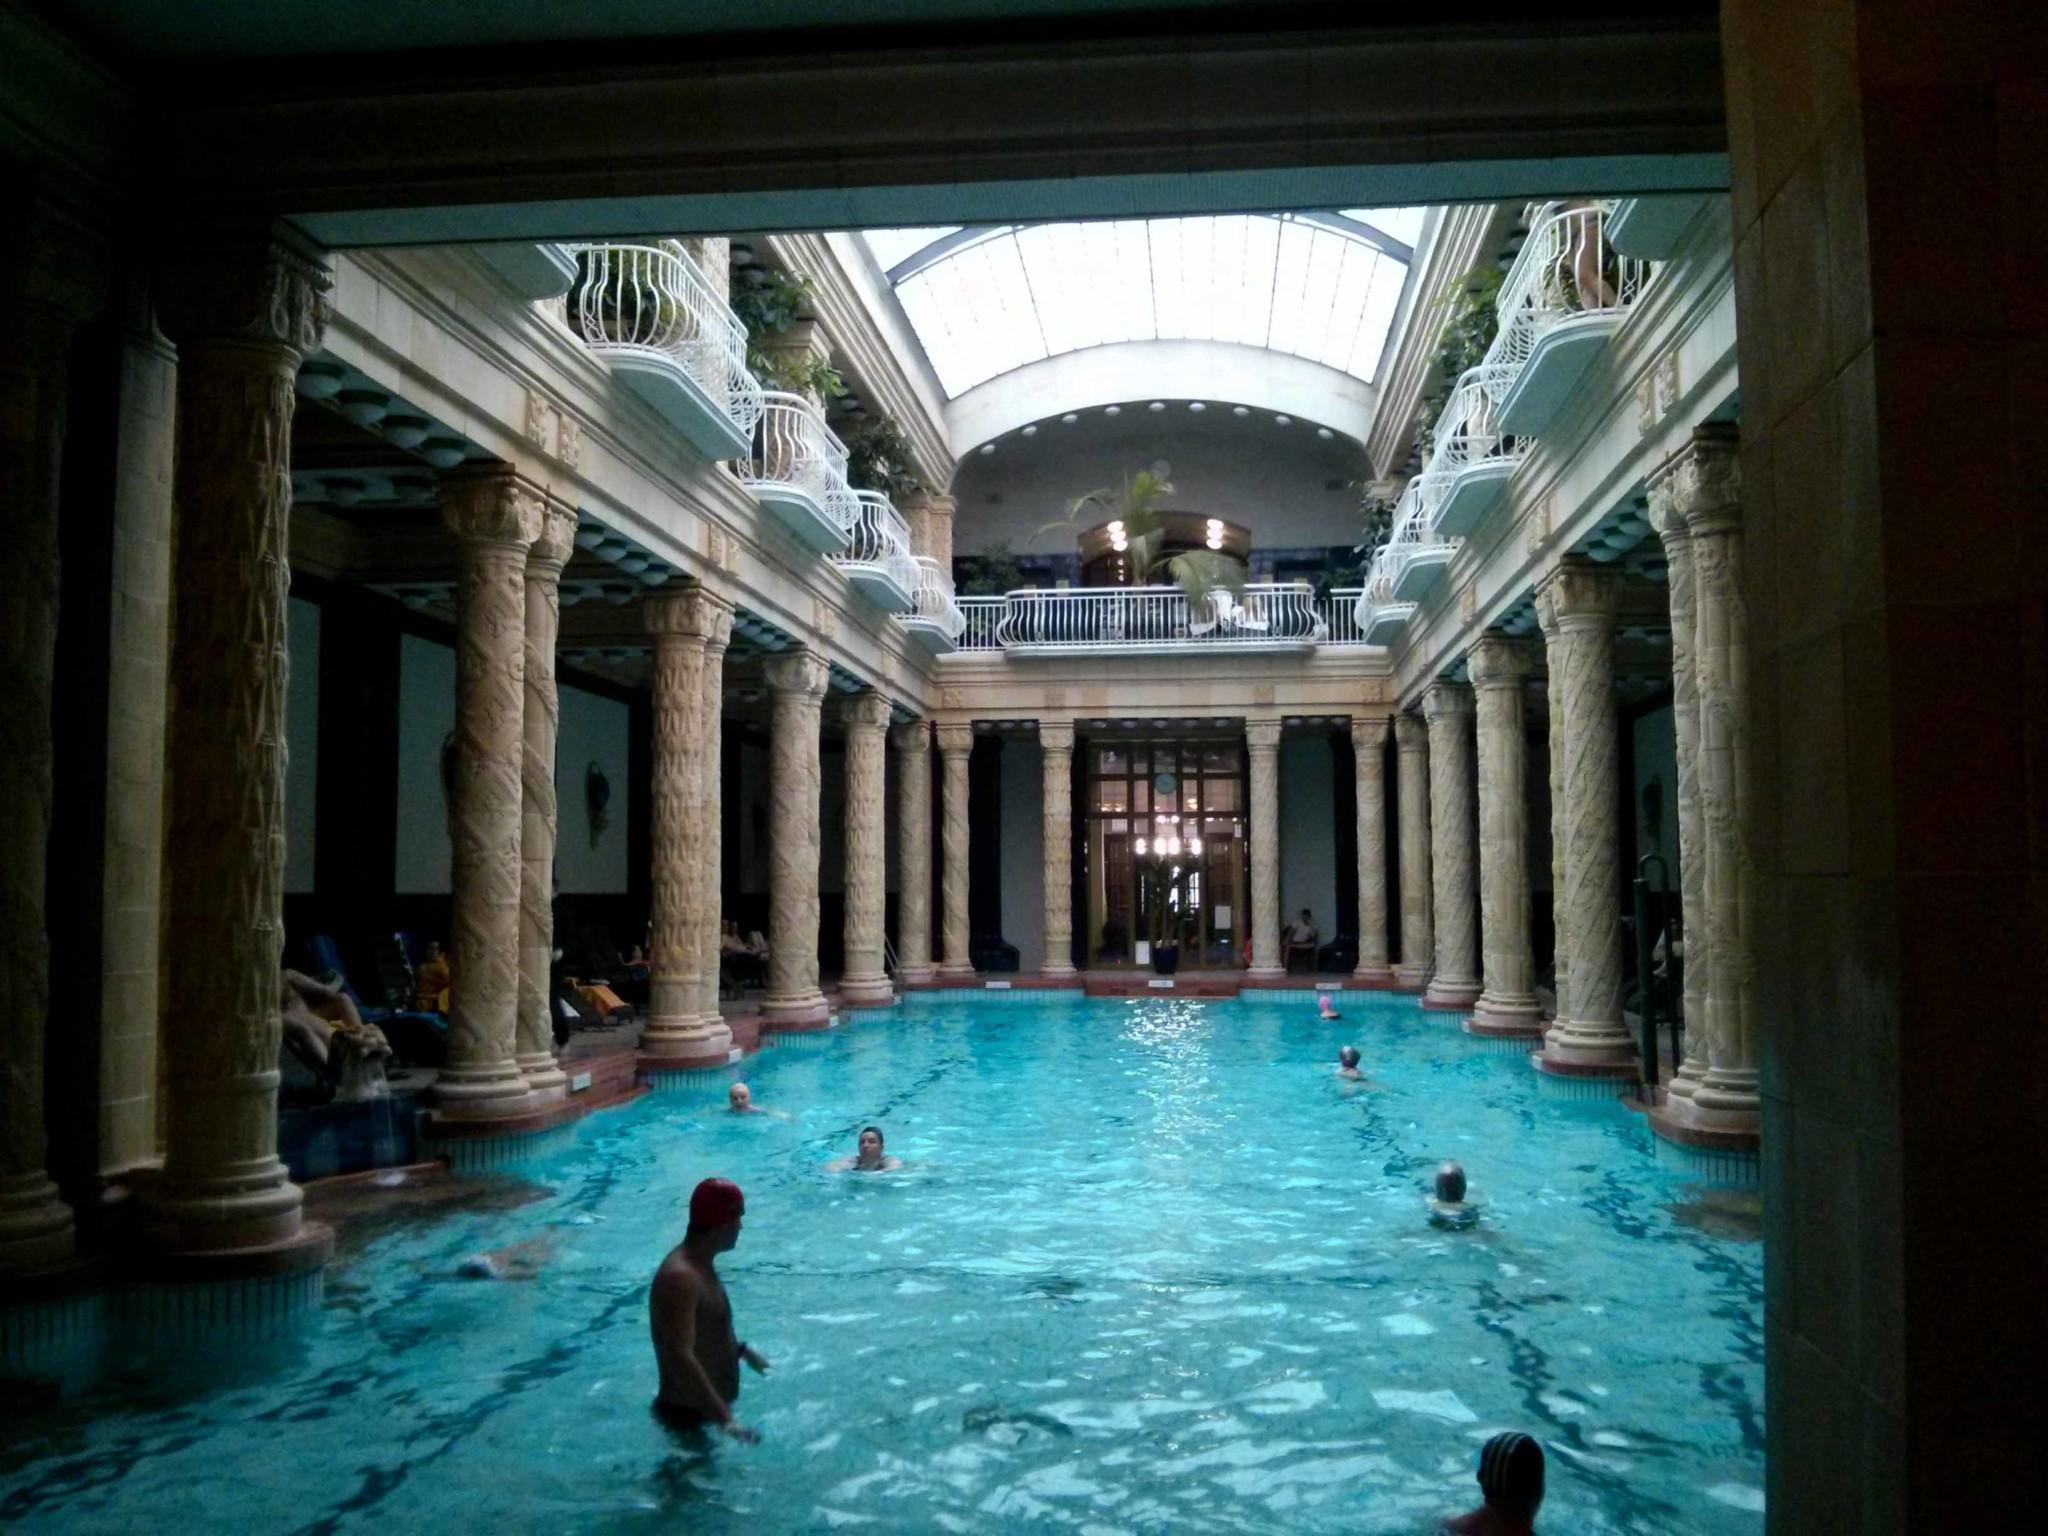 Finding Relaxation at Gellert Baths